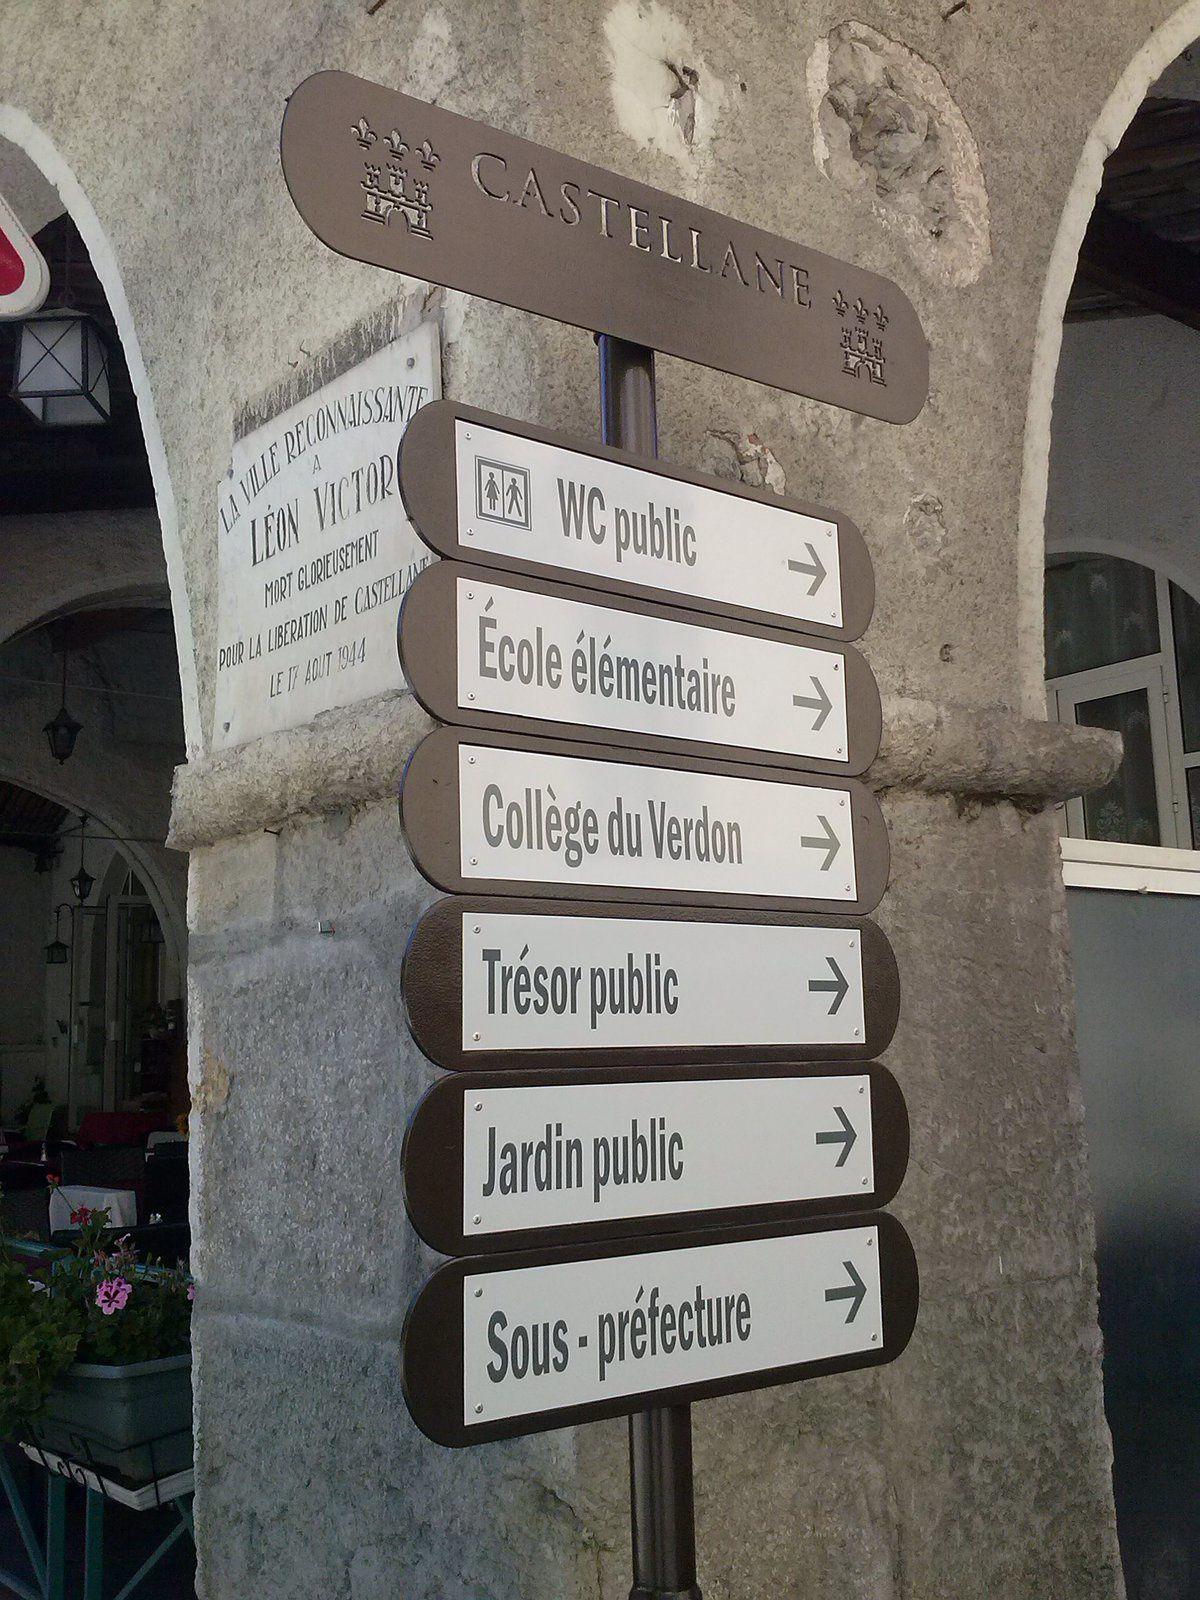 Les actualités du dernier conseil municipal de Castellane .